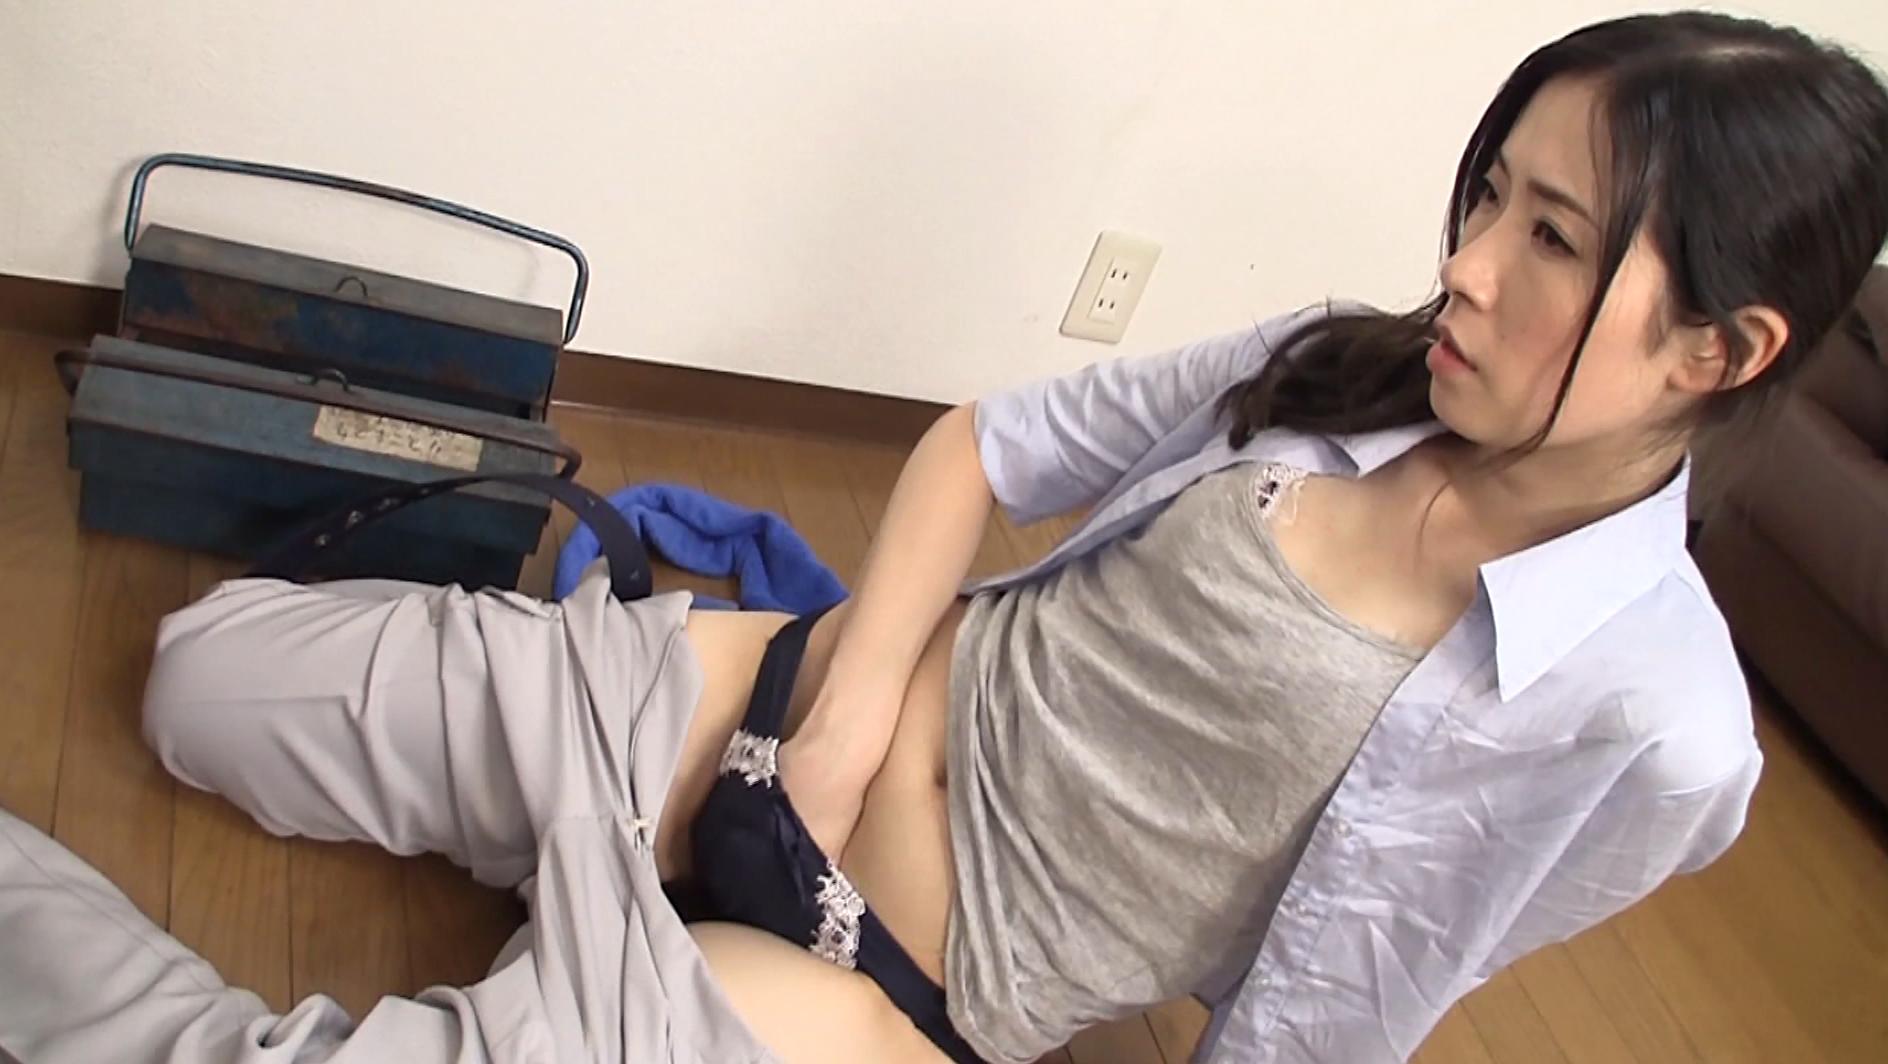 汗まみれのガテン系女子のセックス風景。ちょっとヤバいわ・・・(画像あり)・33枚目